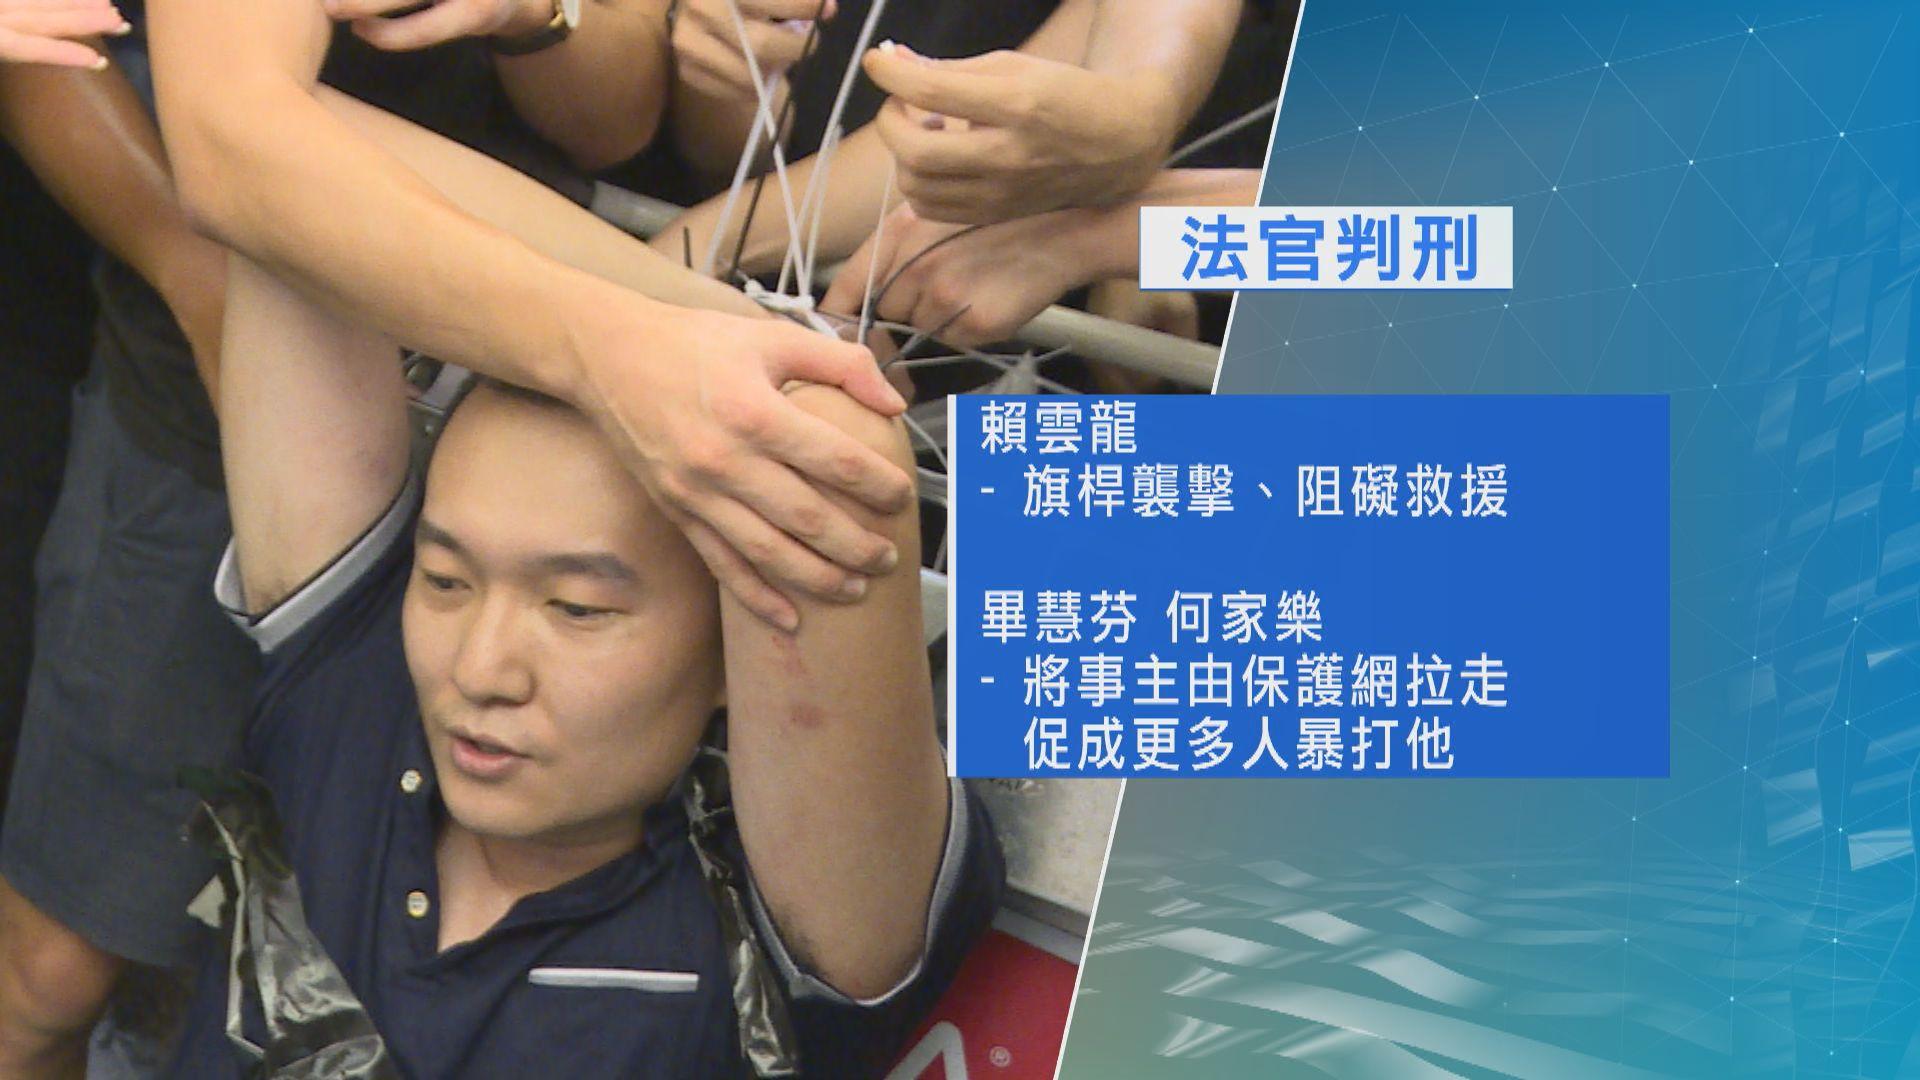 機場反修例集會三人暴動罪成 法官:若使用暴力道理都變歪理